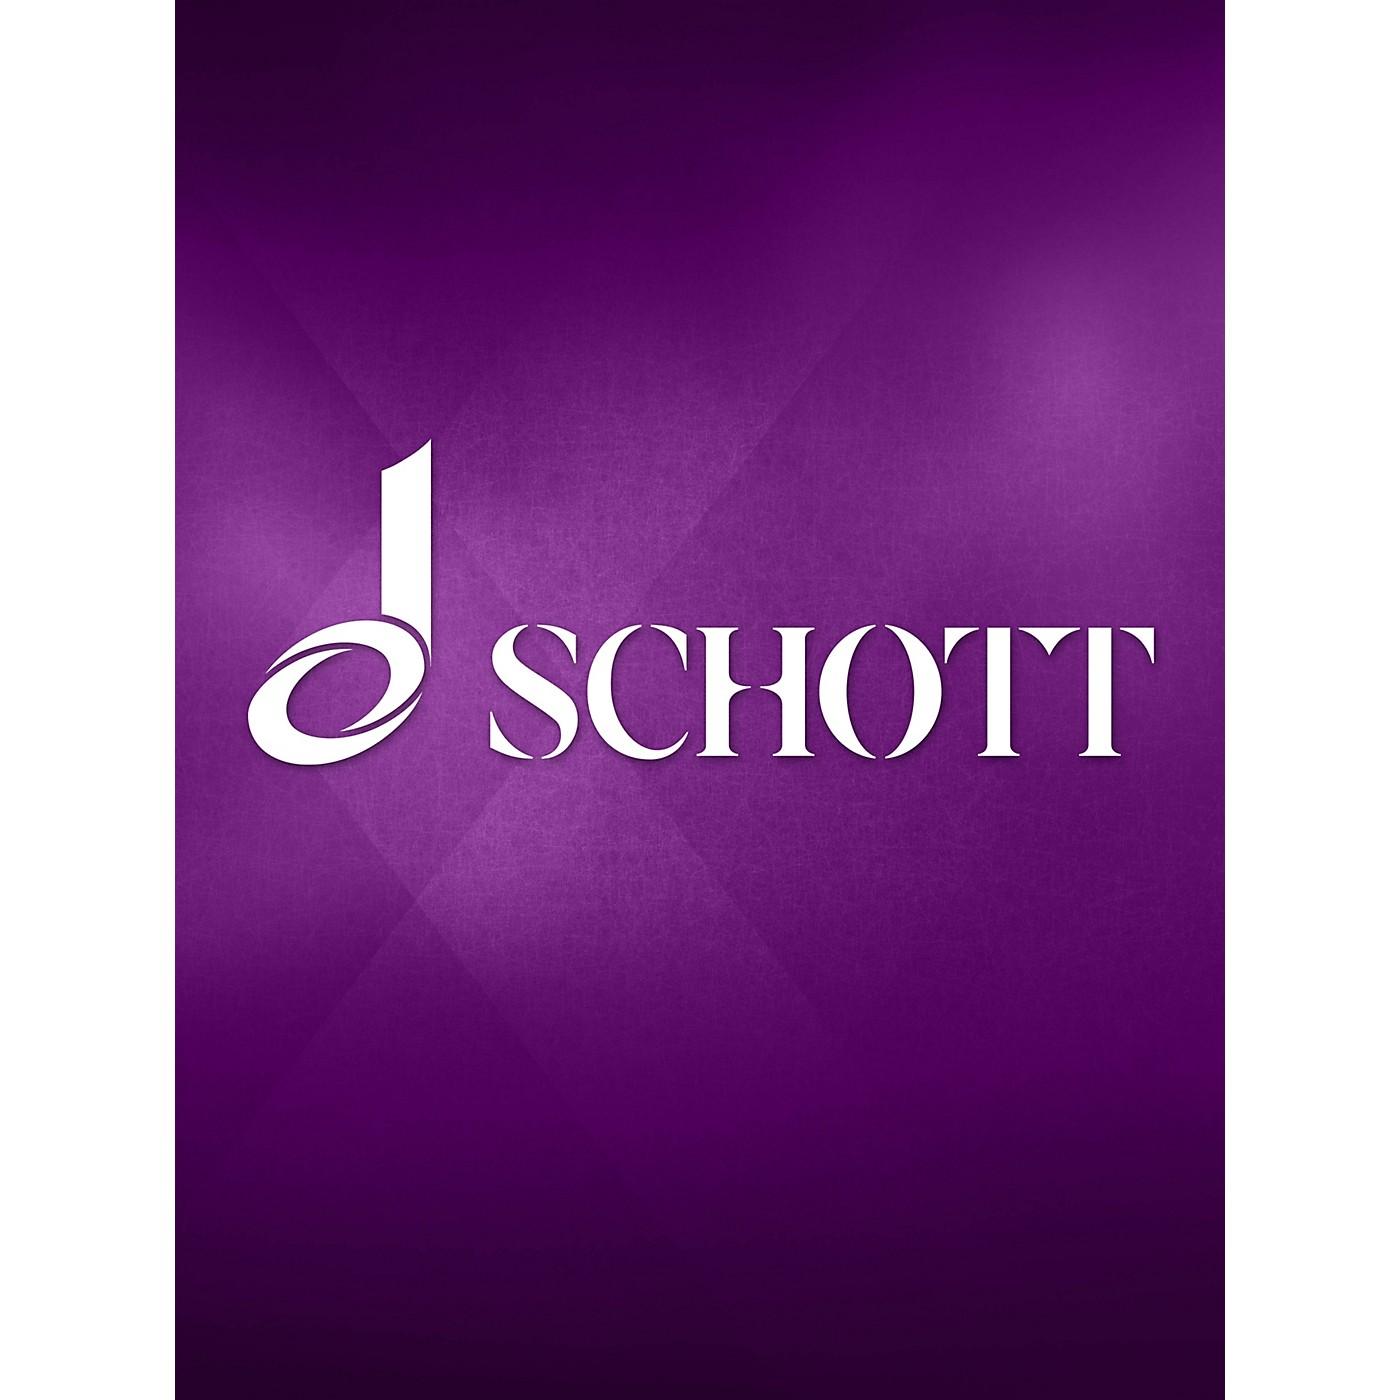 Boelke-Bomart/Schott Ihr Gedanken (Voice and Instruments) Schott Series Softcover Composed by Philipp Heinrich Erlebach thumbnail